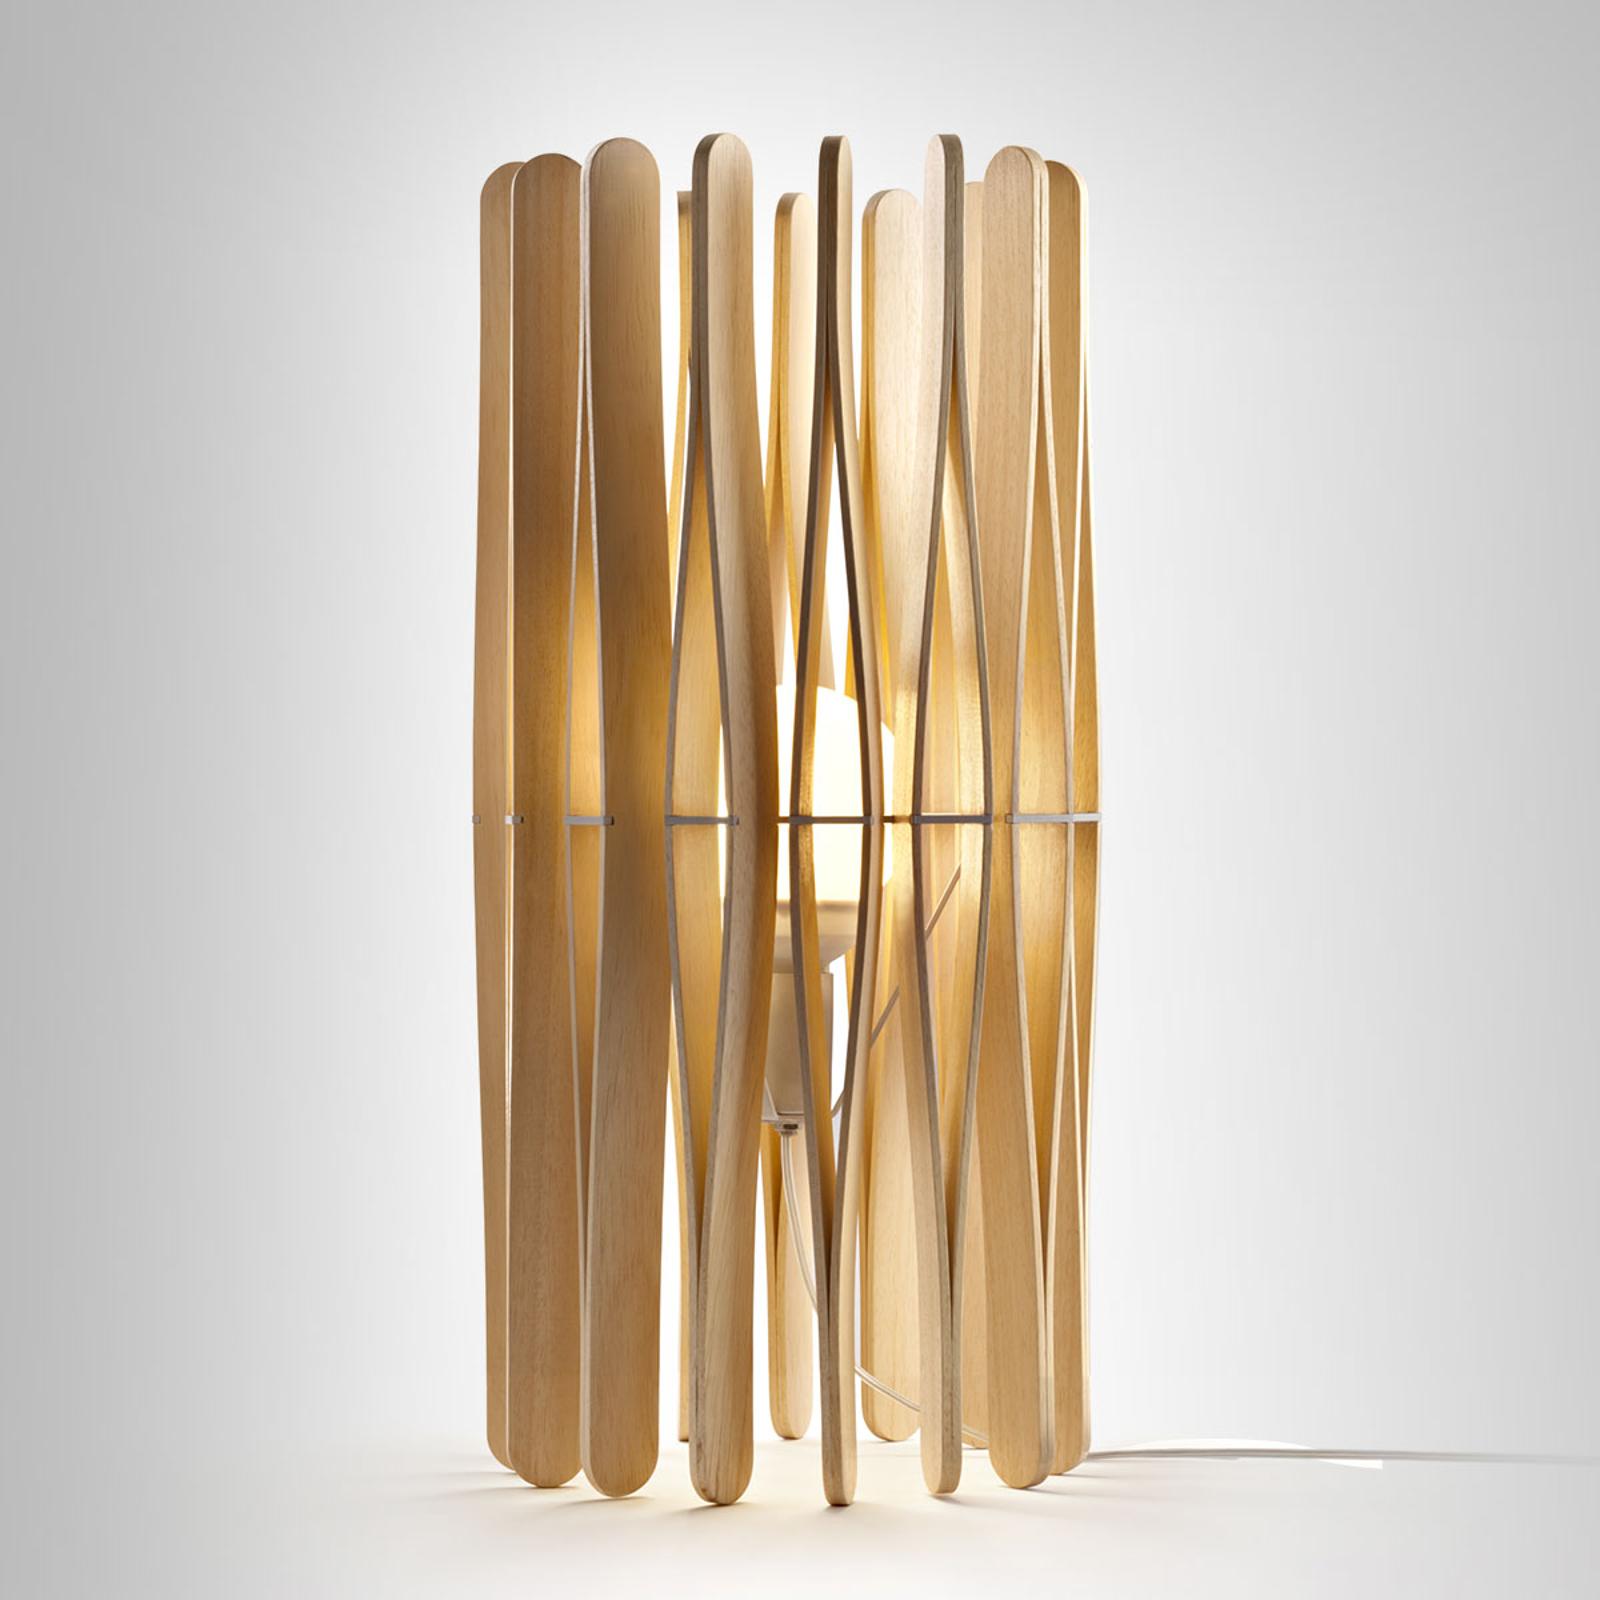 Fabbian Stick Holz-Tischleuchte, zylindrisch